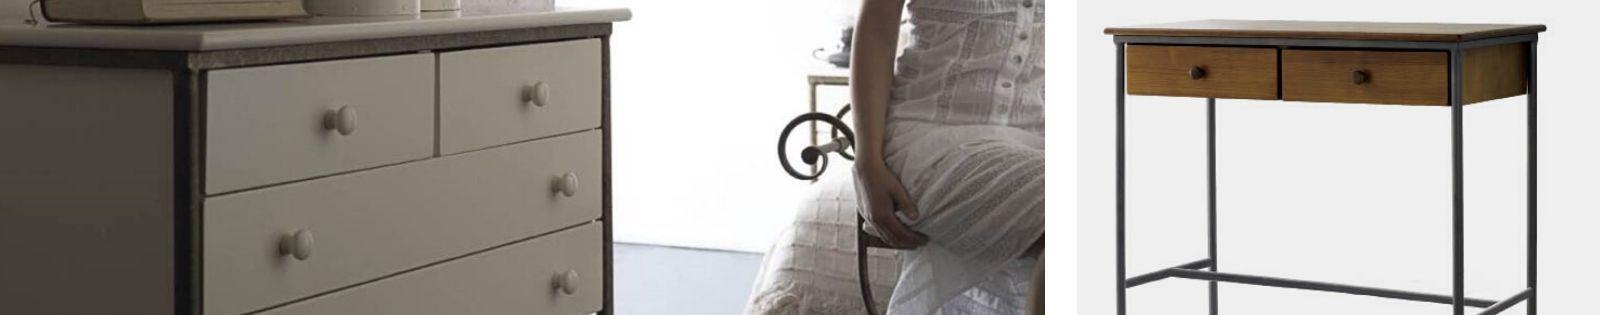 Commode en fer forgé : meuble haut de gamme de fabrication espagnole.